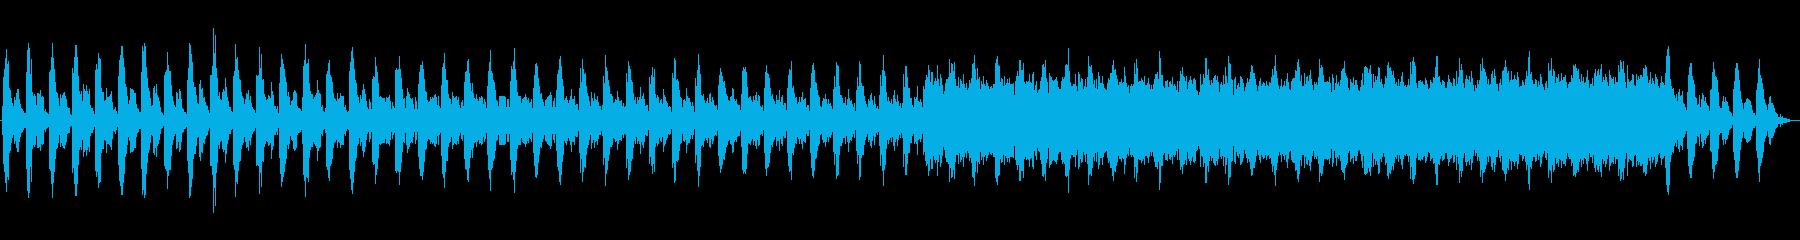 クリスタル水キラキラ美しい透明ヒーリングの再生済みの波形